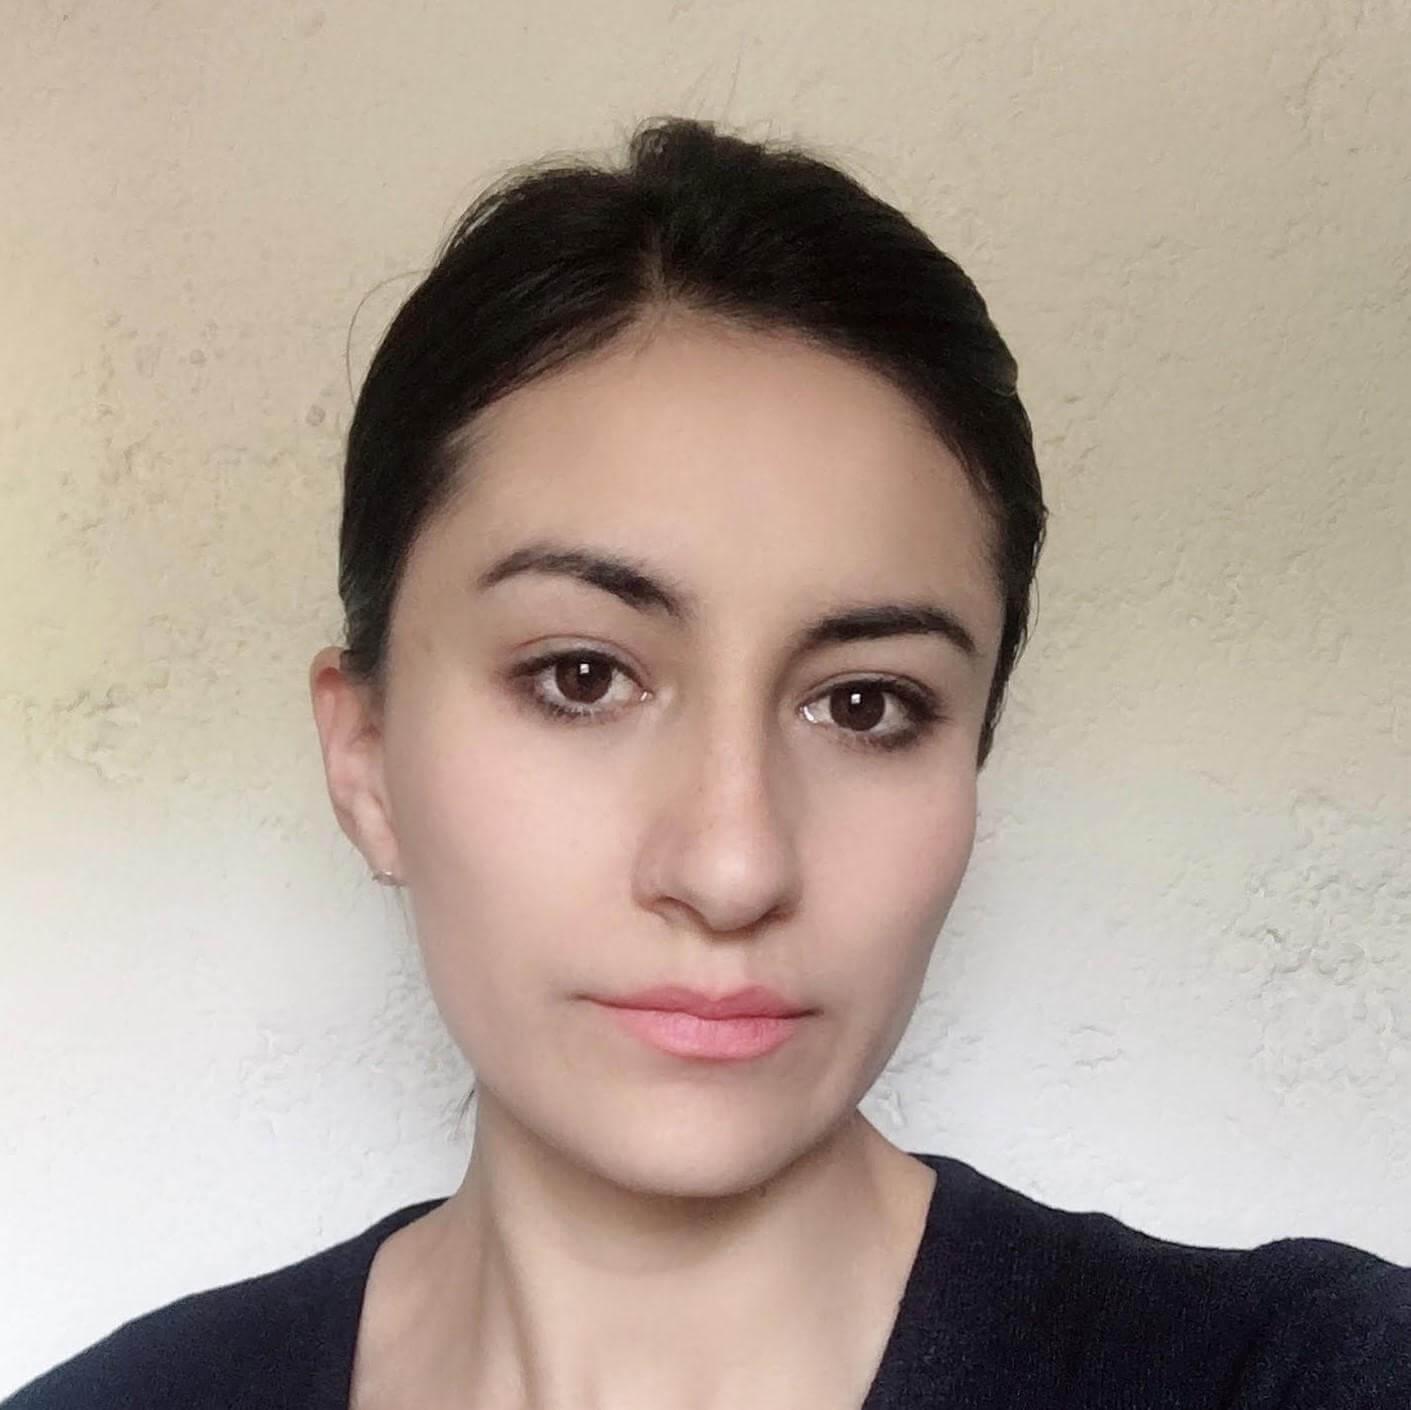 Psicologo Online: Ana Luisa